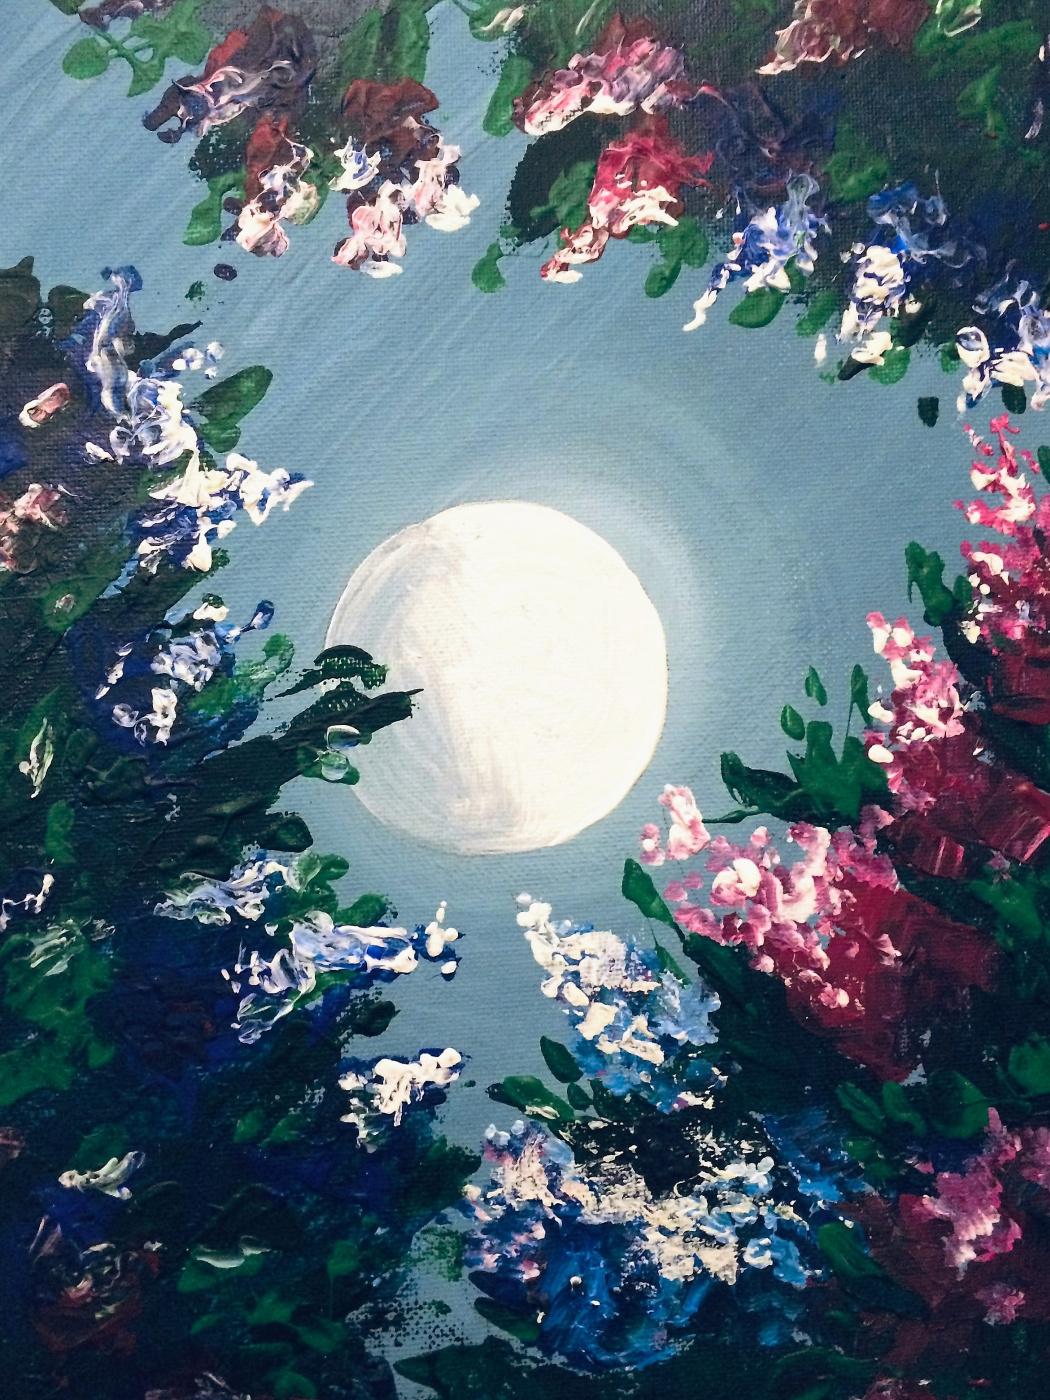 Igor Vladi Kuznetsov. Life hides in flowers